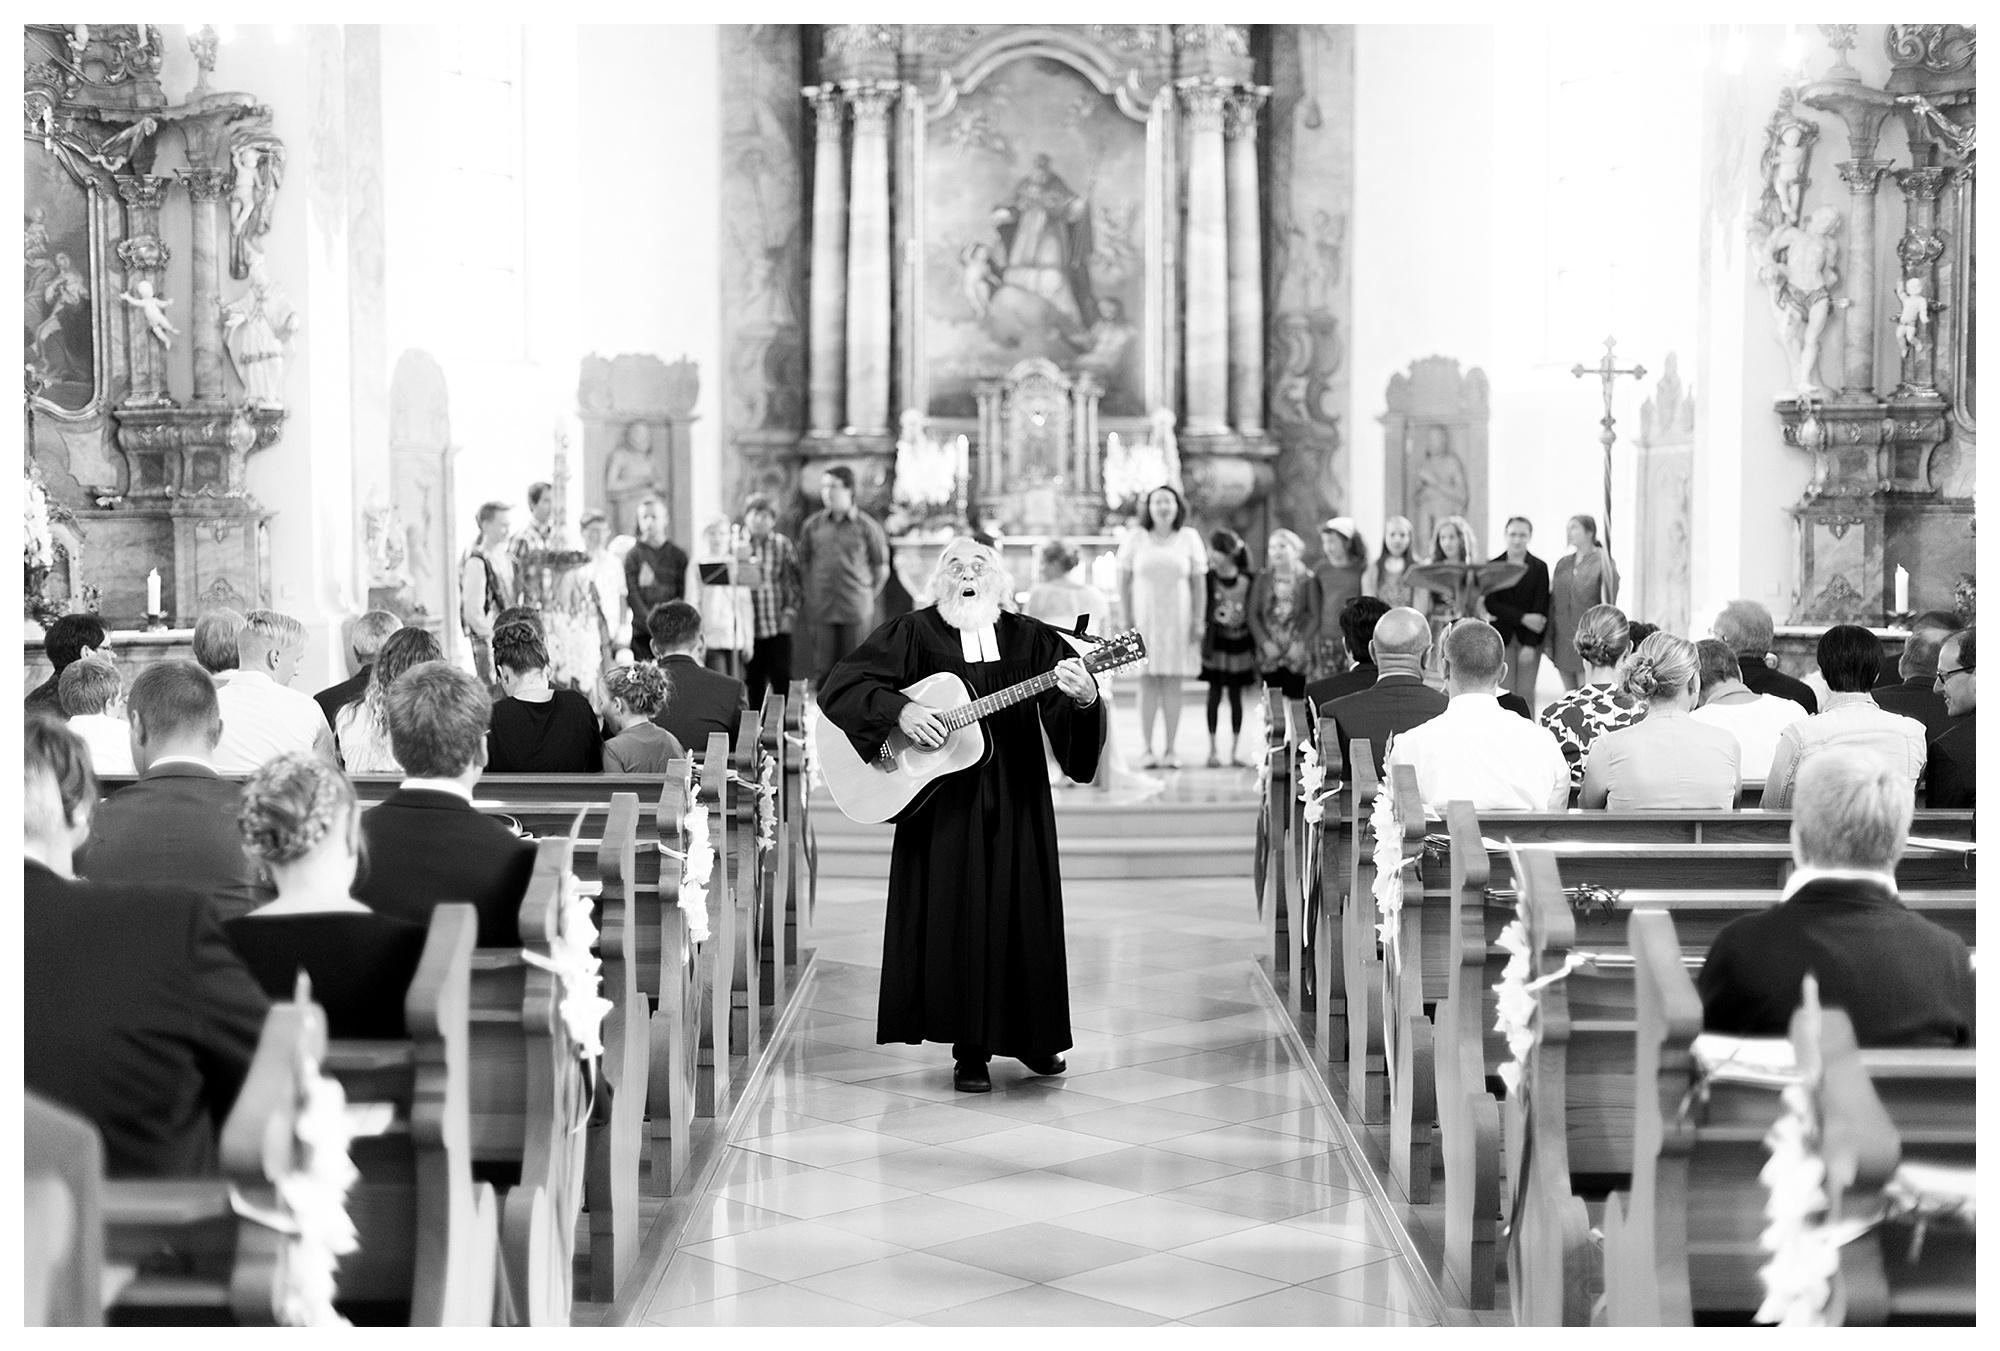 Fotograf Konstanz - Best of 2014 Elmar Feuerbacher Photography Hochzeit Portrait 054 - Rückblick auf 2014  - 136 -